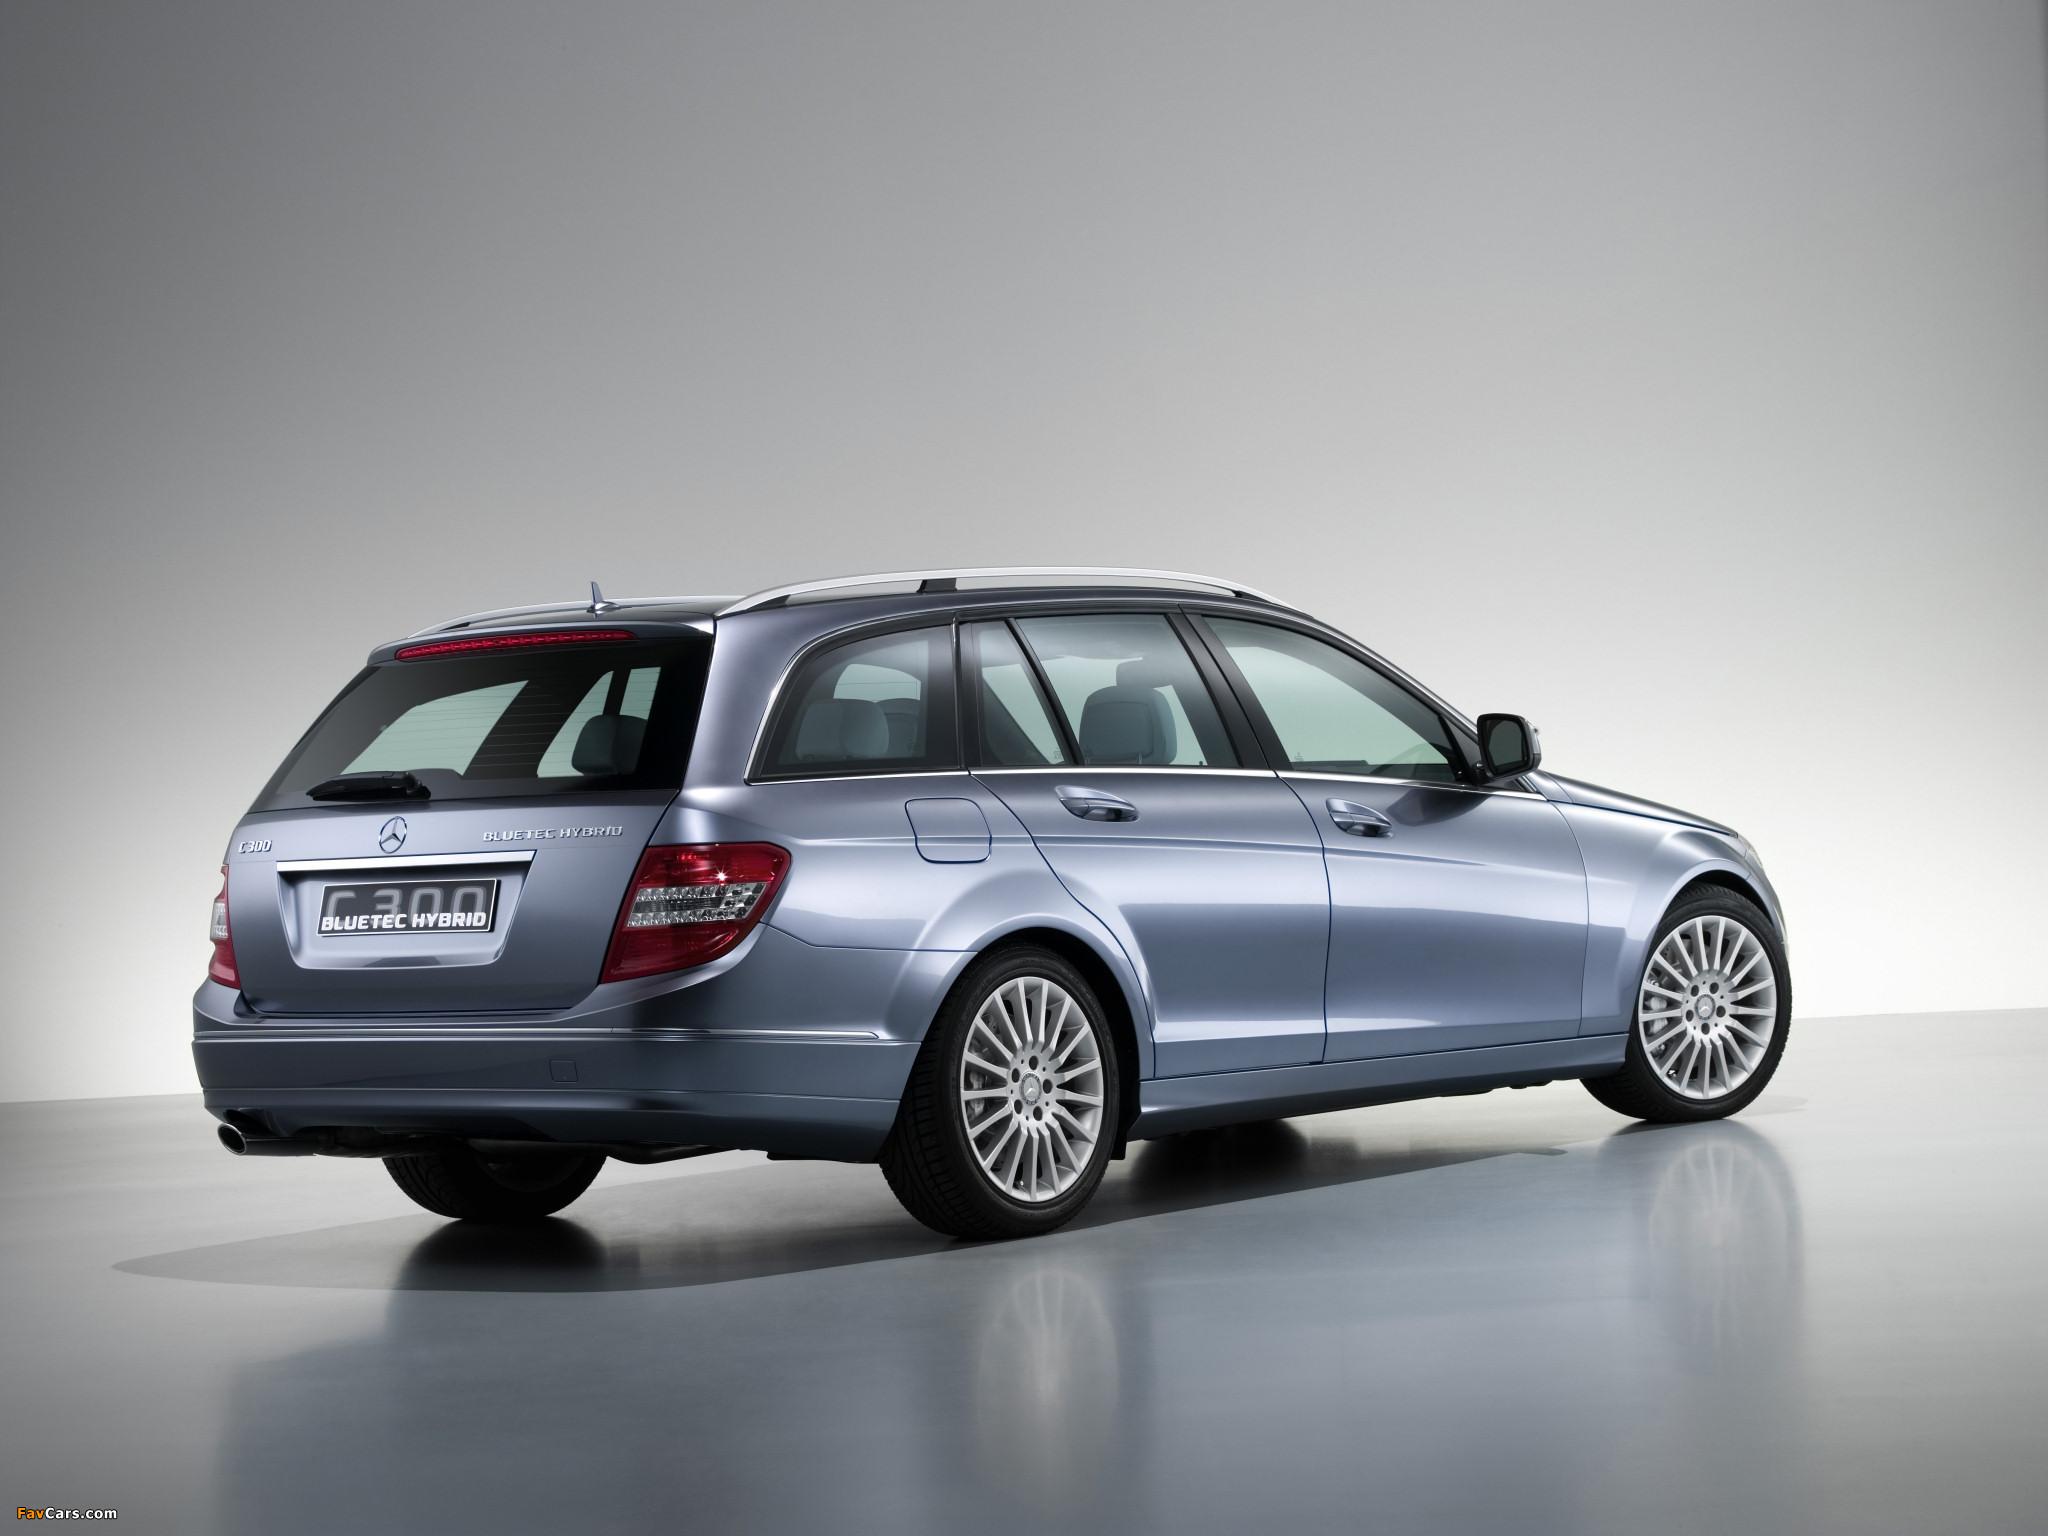 Mercedes-Benz C 300 BlueTec Hybrid Concept (S204) 2007 pictures (2048 x 1536)